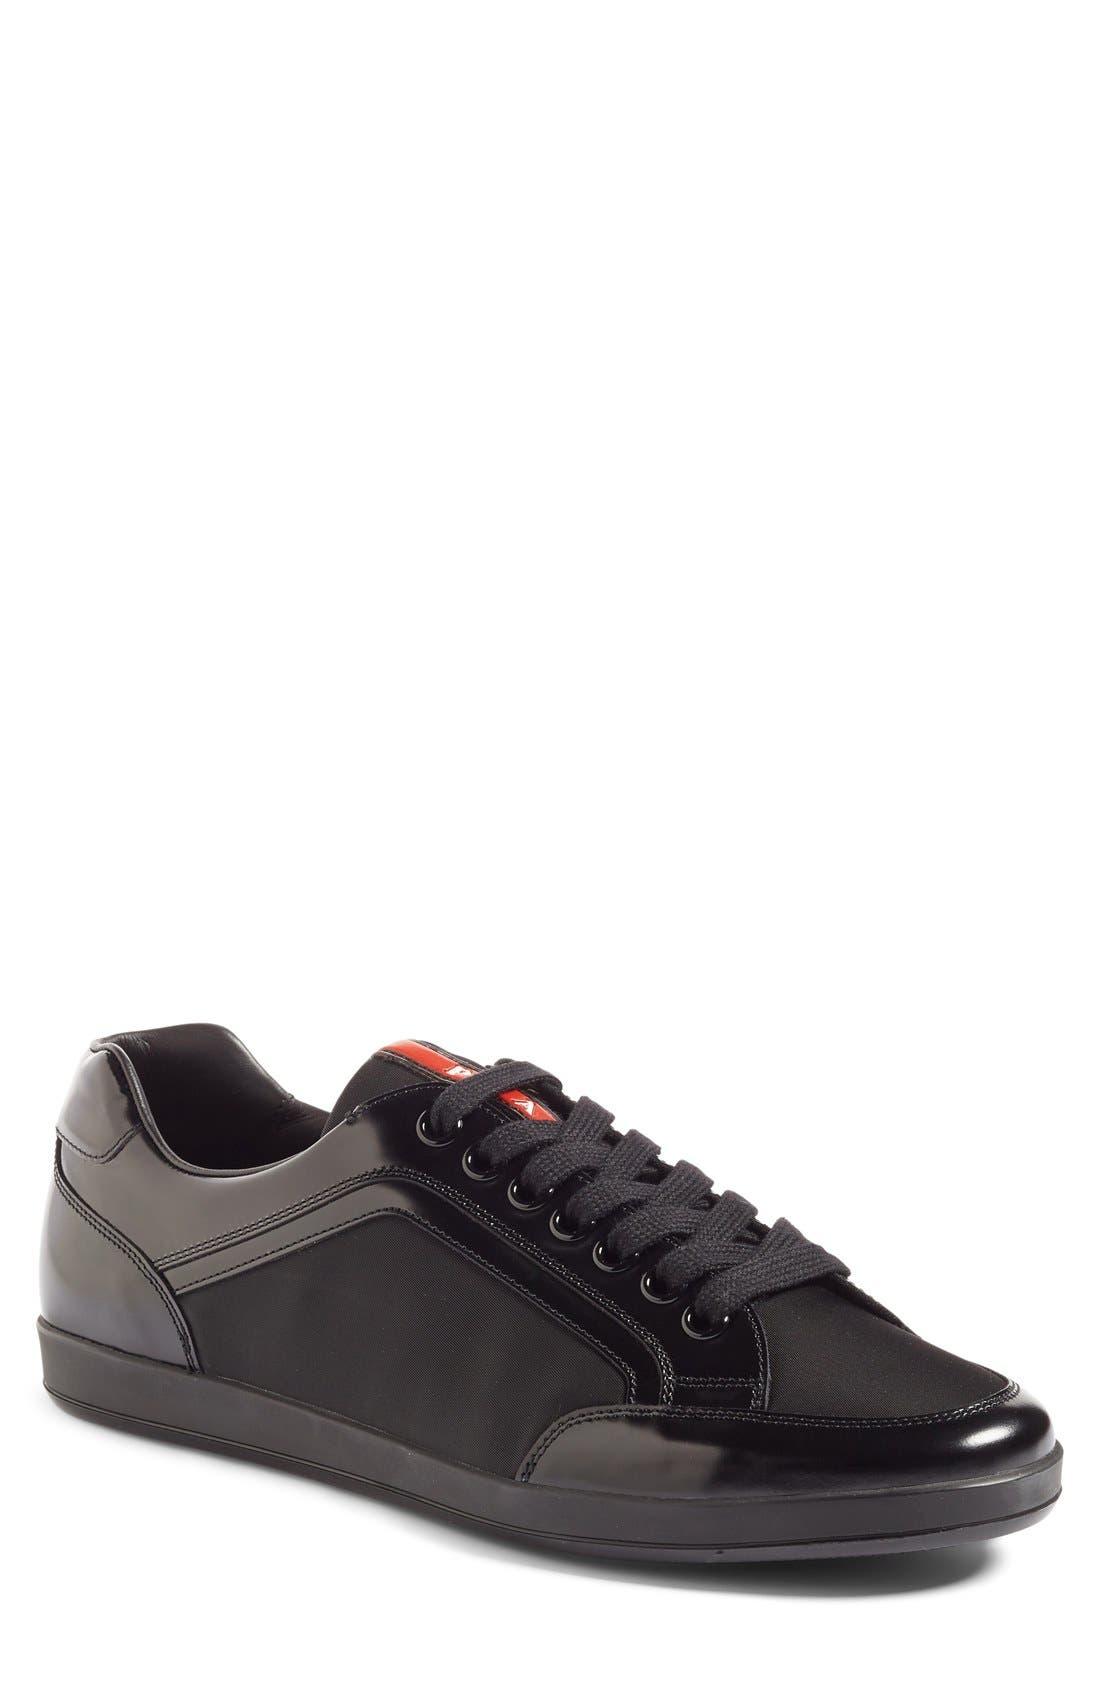 Main Image - Prada Linea Rossa Sneaker (Men)